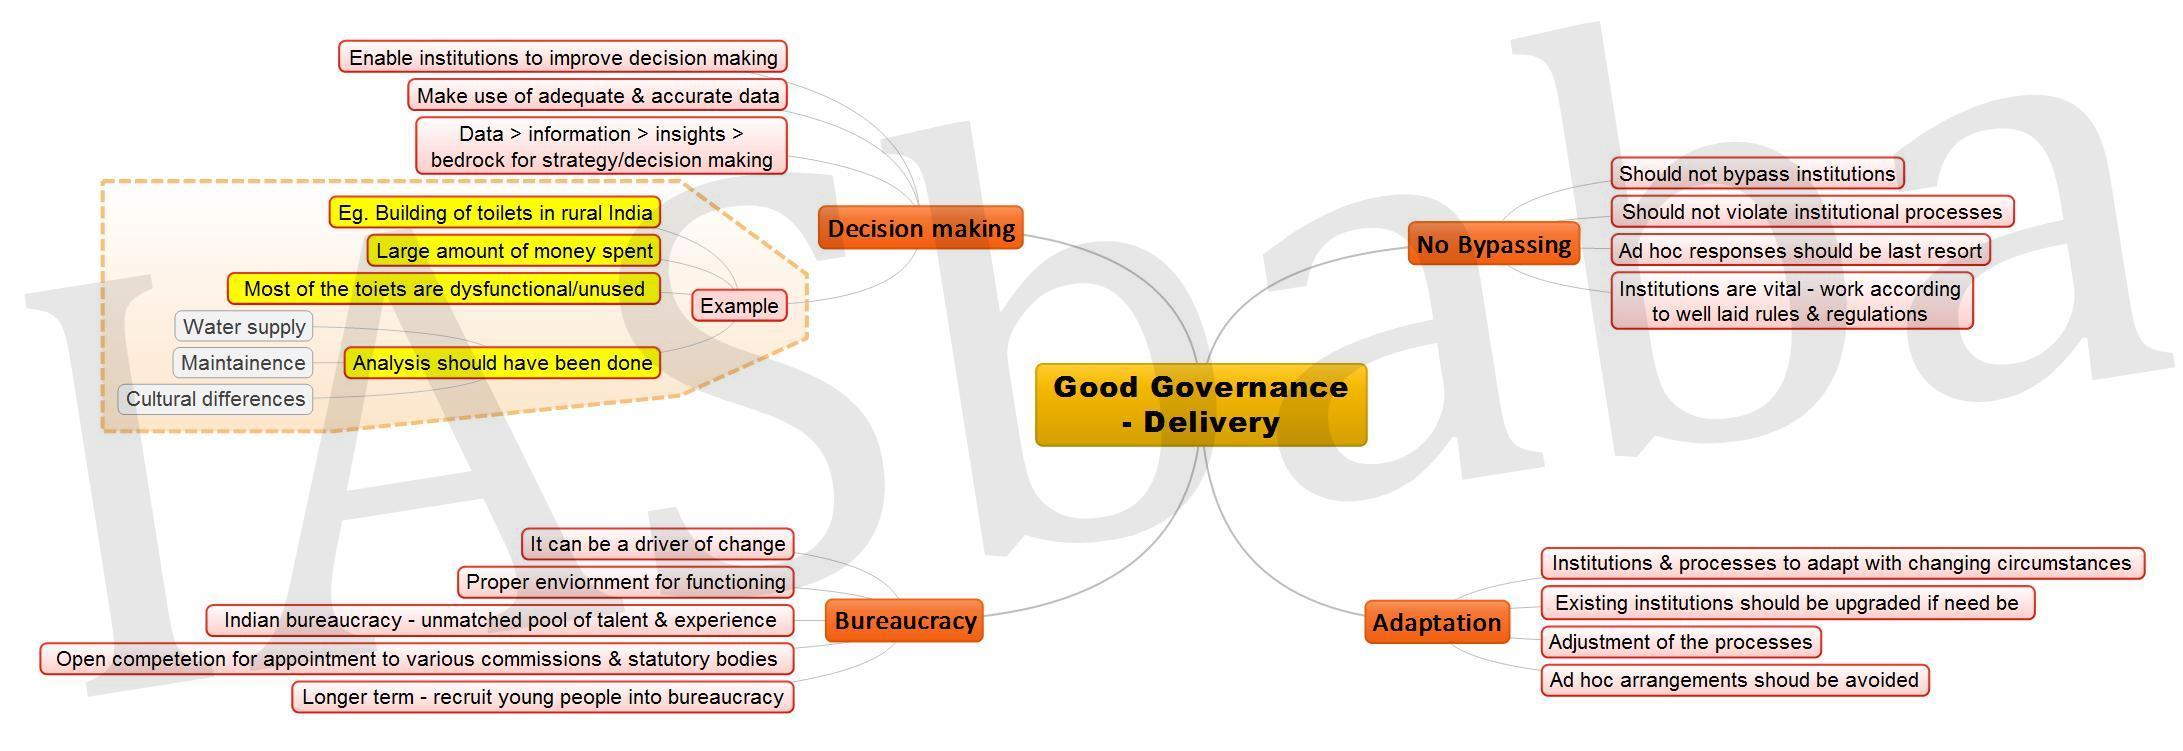 Good Governance Delivery JPEG